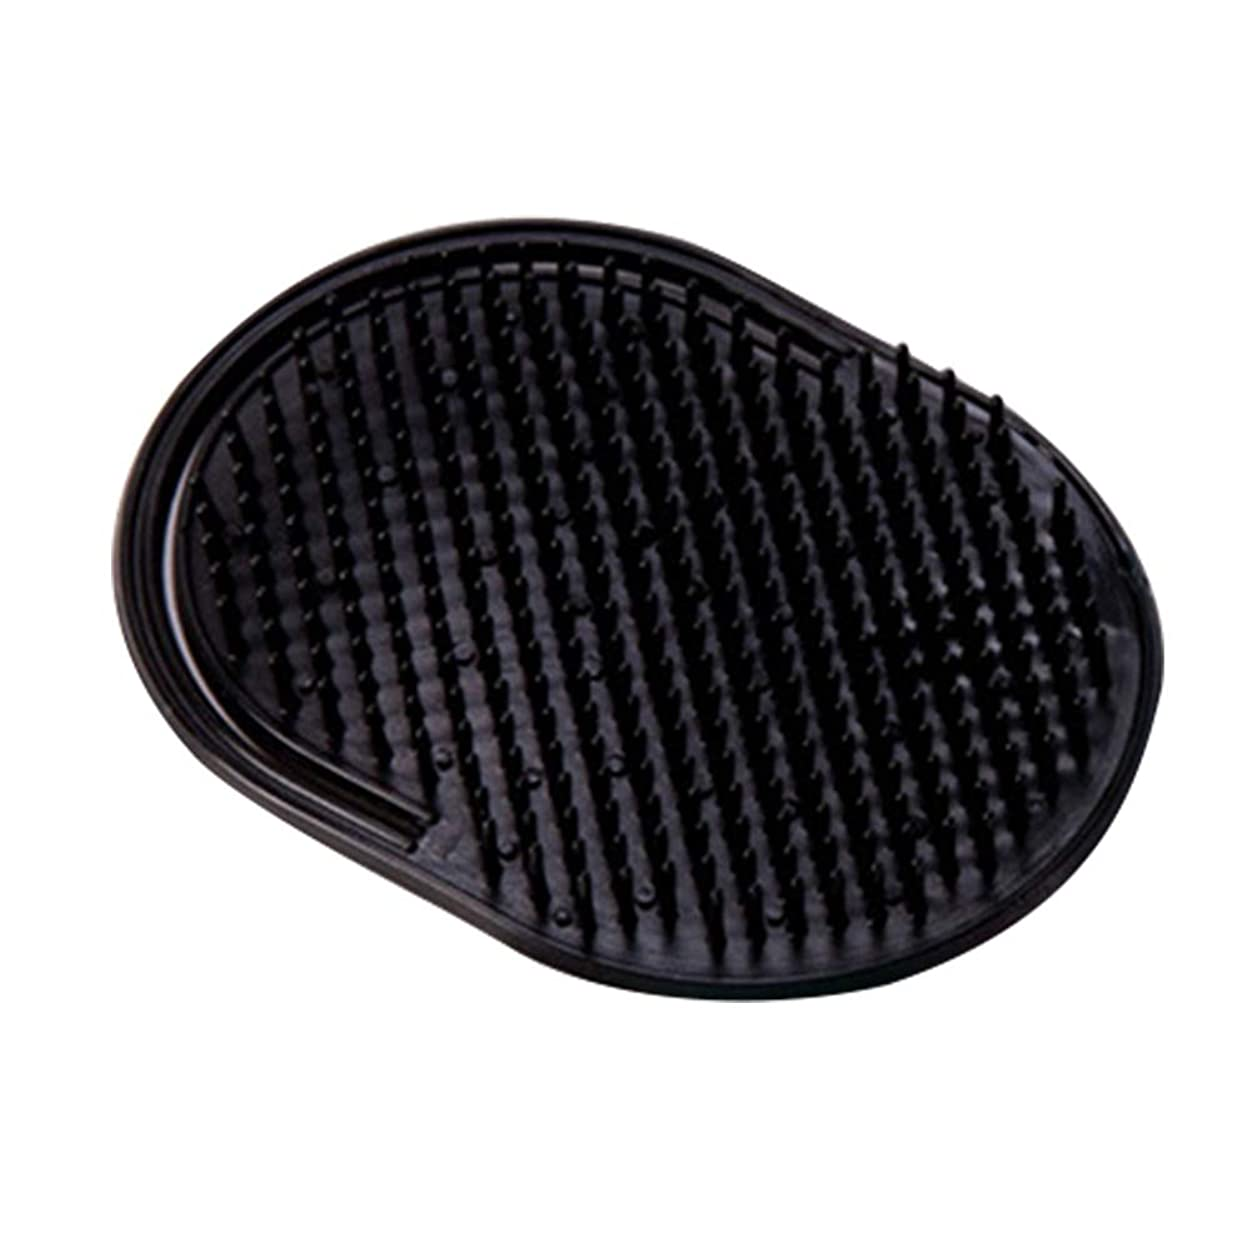 下黒人ユーモラスHealifty ヘアブラシシャンプーブラシポケットコームスカルプマッサージャーブラシ12本(ブラック)